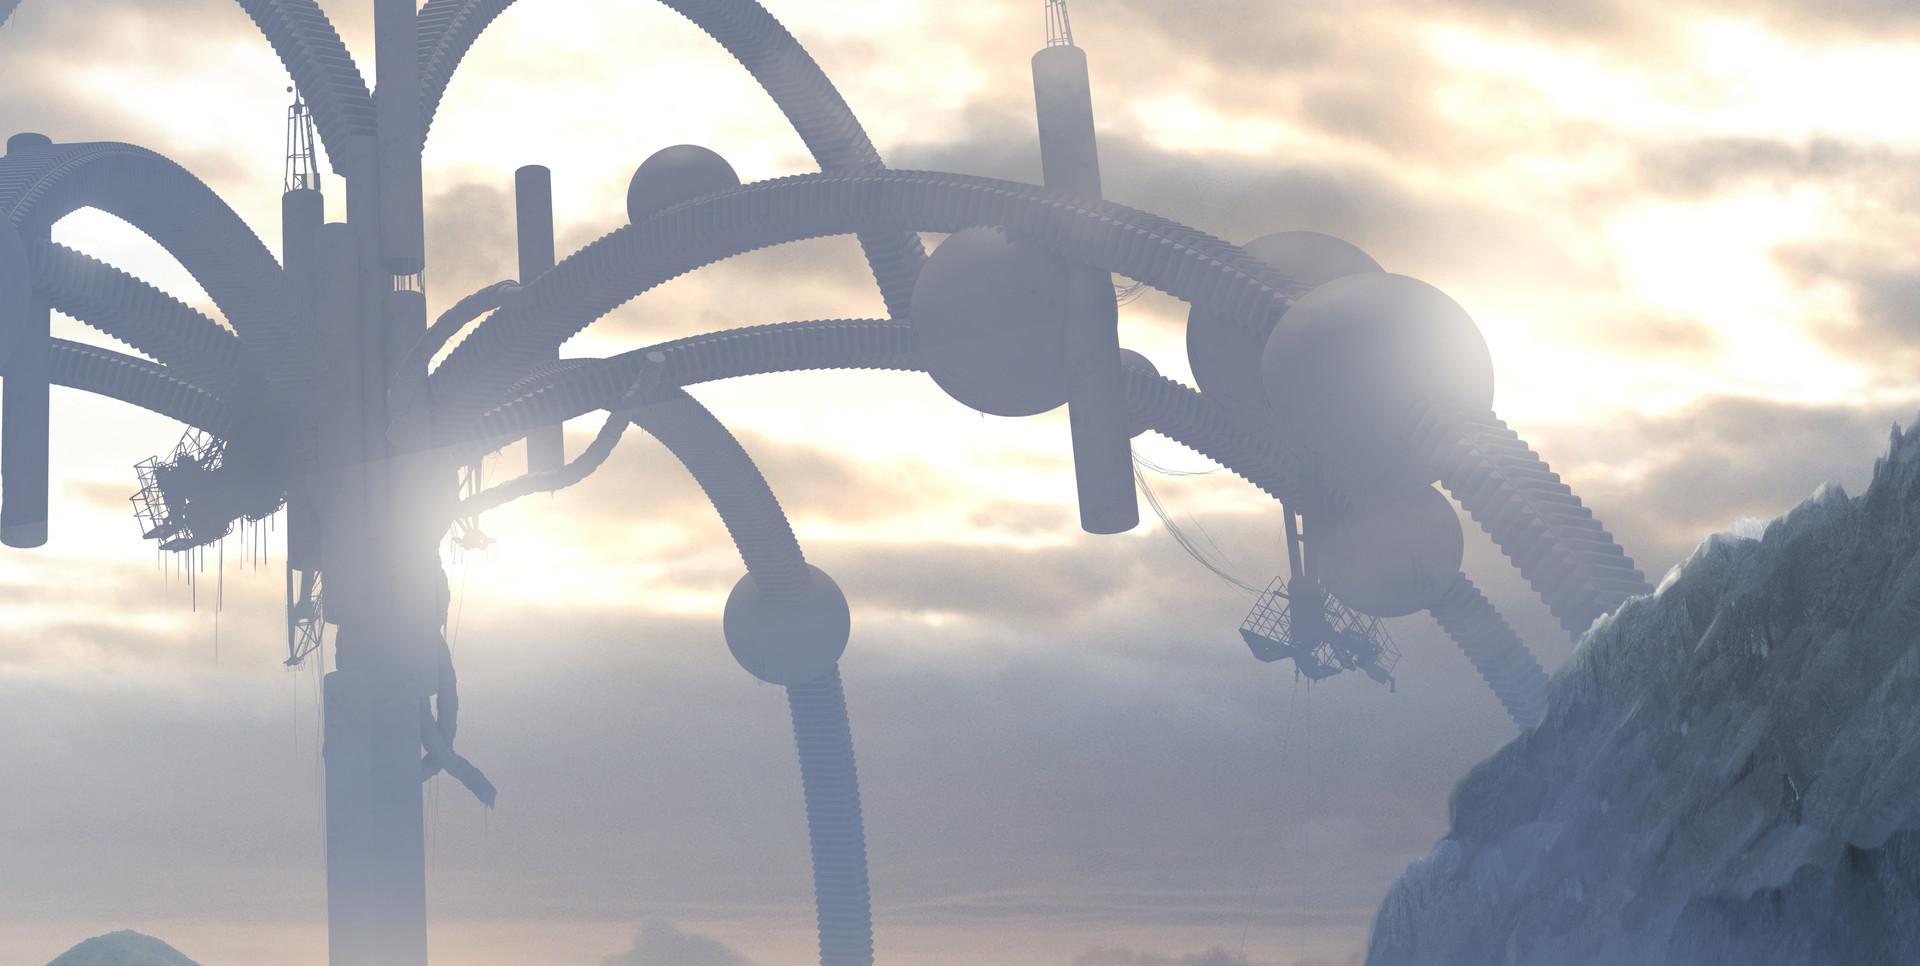 Konstantin vohwinkel terraformer new artst 3